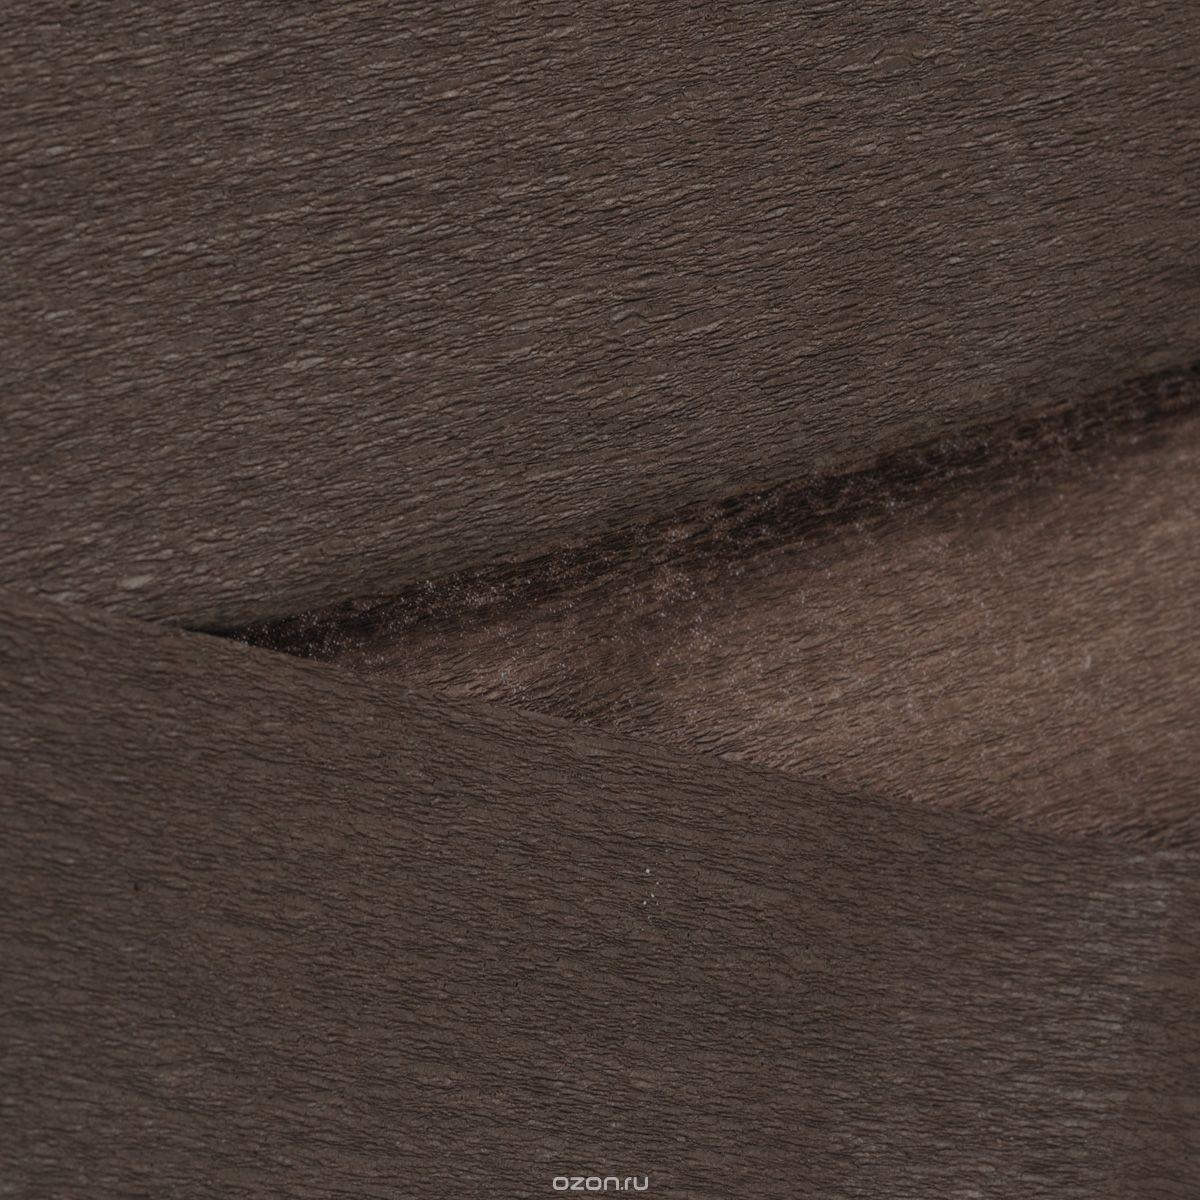 Гофрированная бумага Folia, шоколадная (15) (250x50 см)